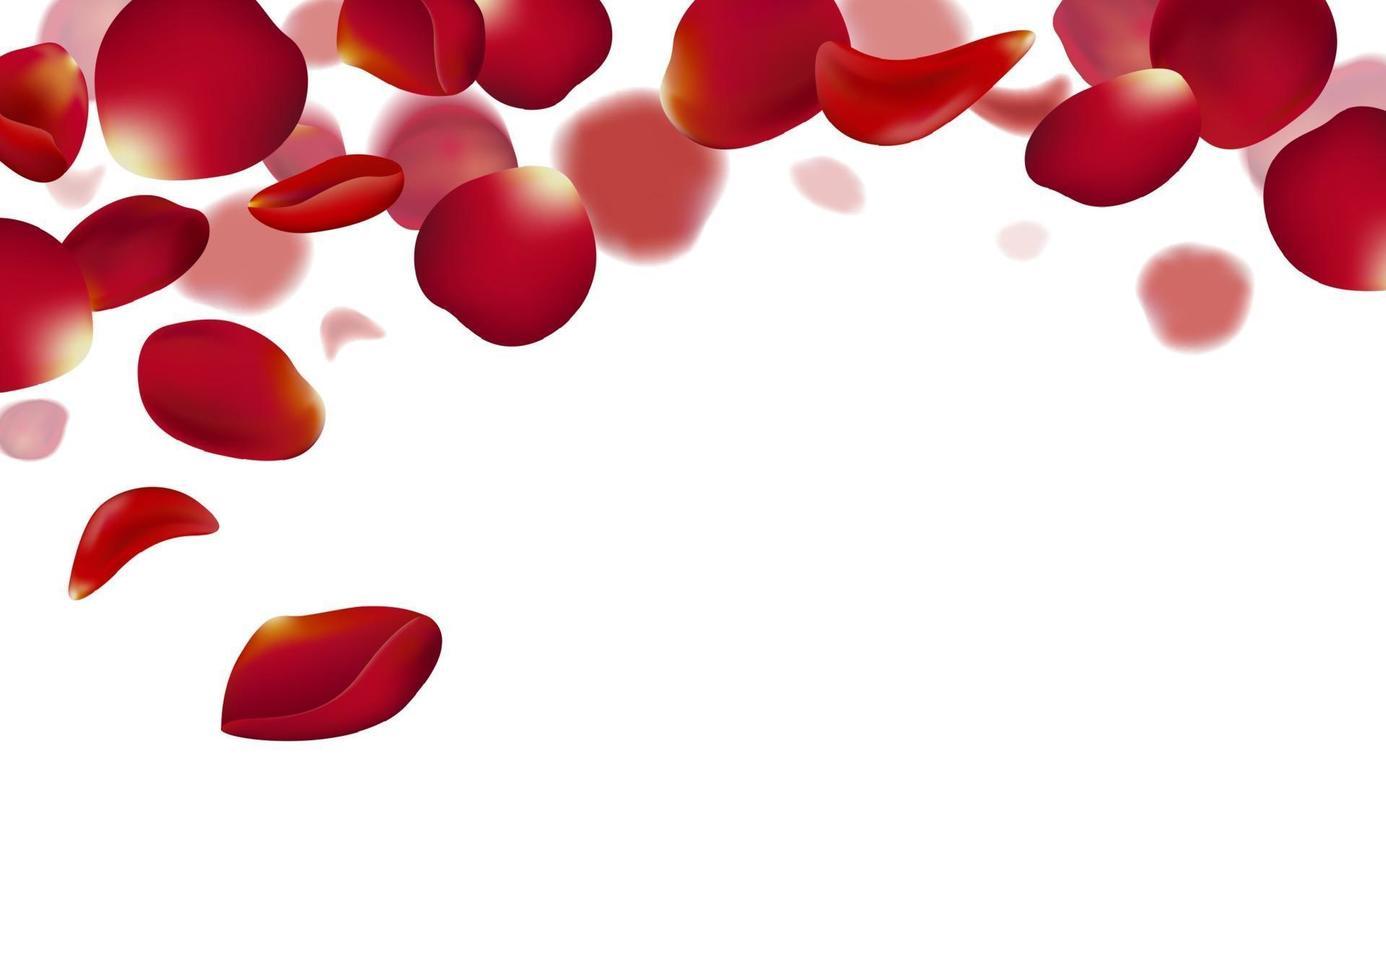 ilustração vetorial de pétalas de rosa vermelha caindo sobre fundo branco vetor